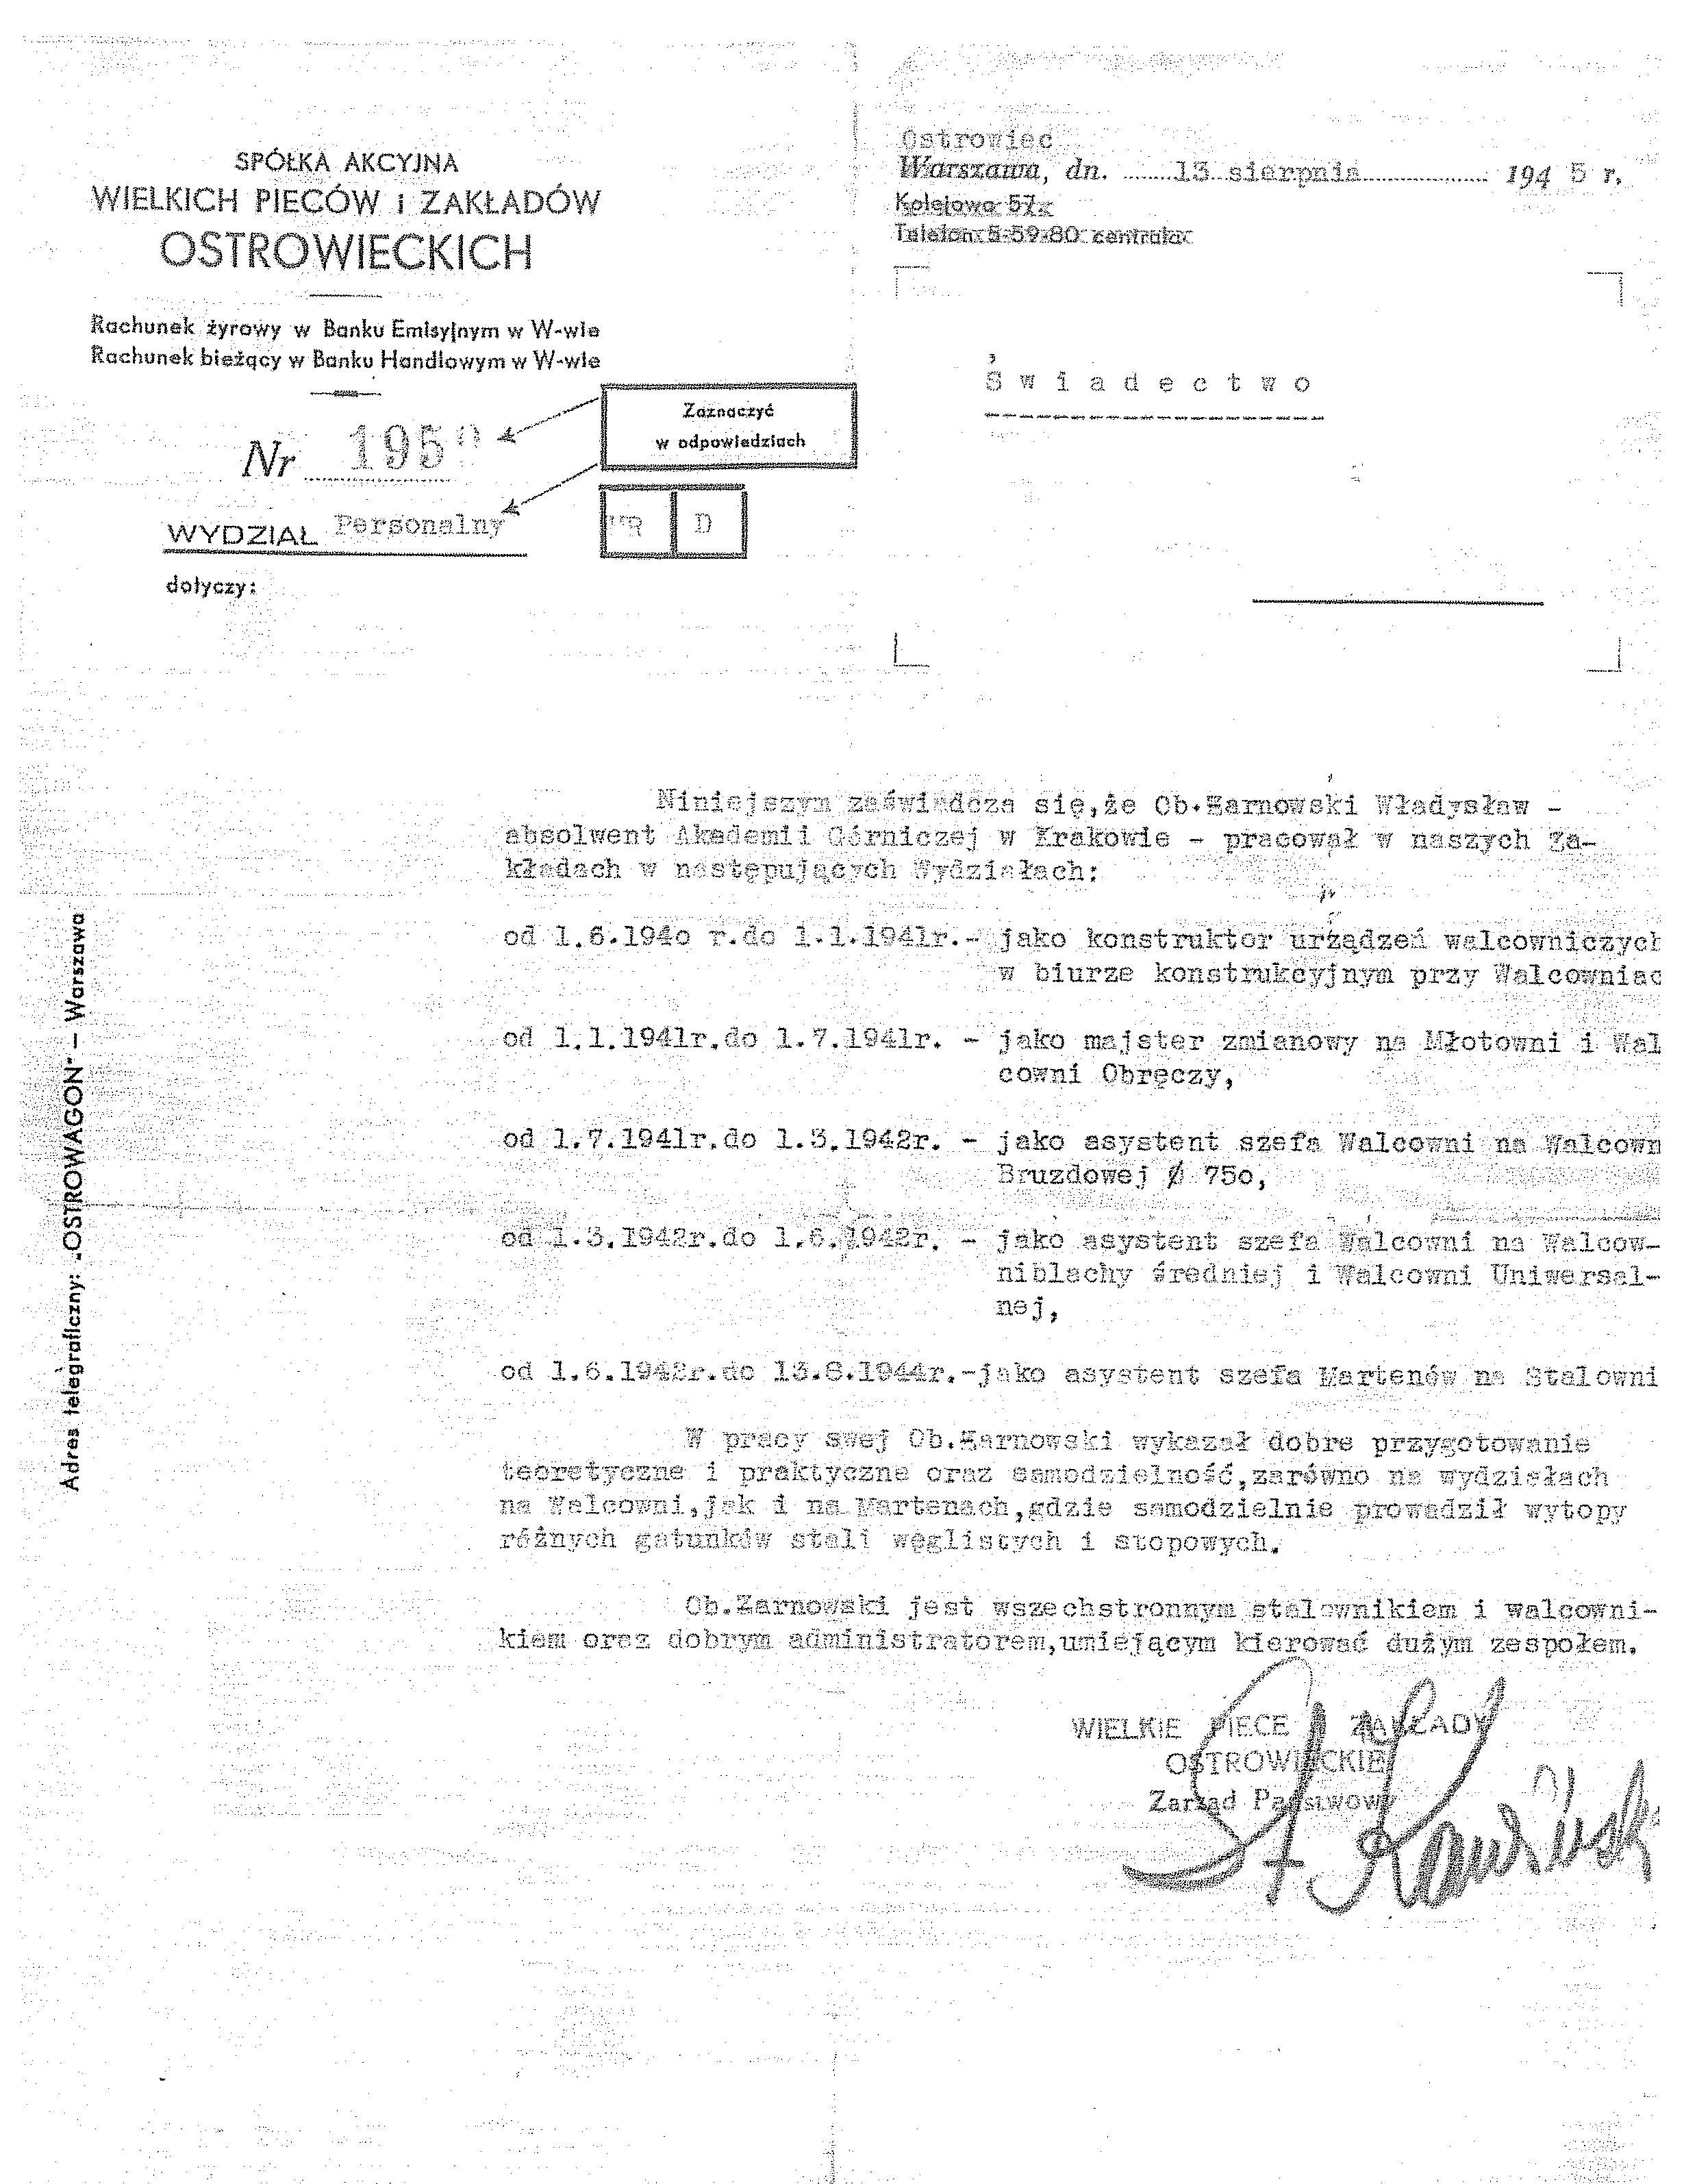 Żarnowski Wł_Z-dy Ostrowieckie 1940-1944